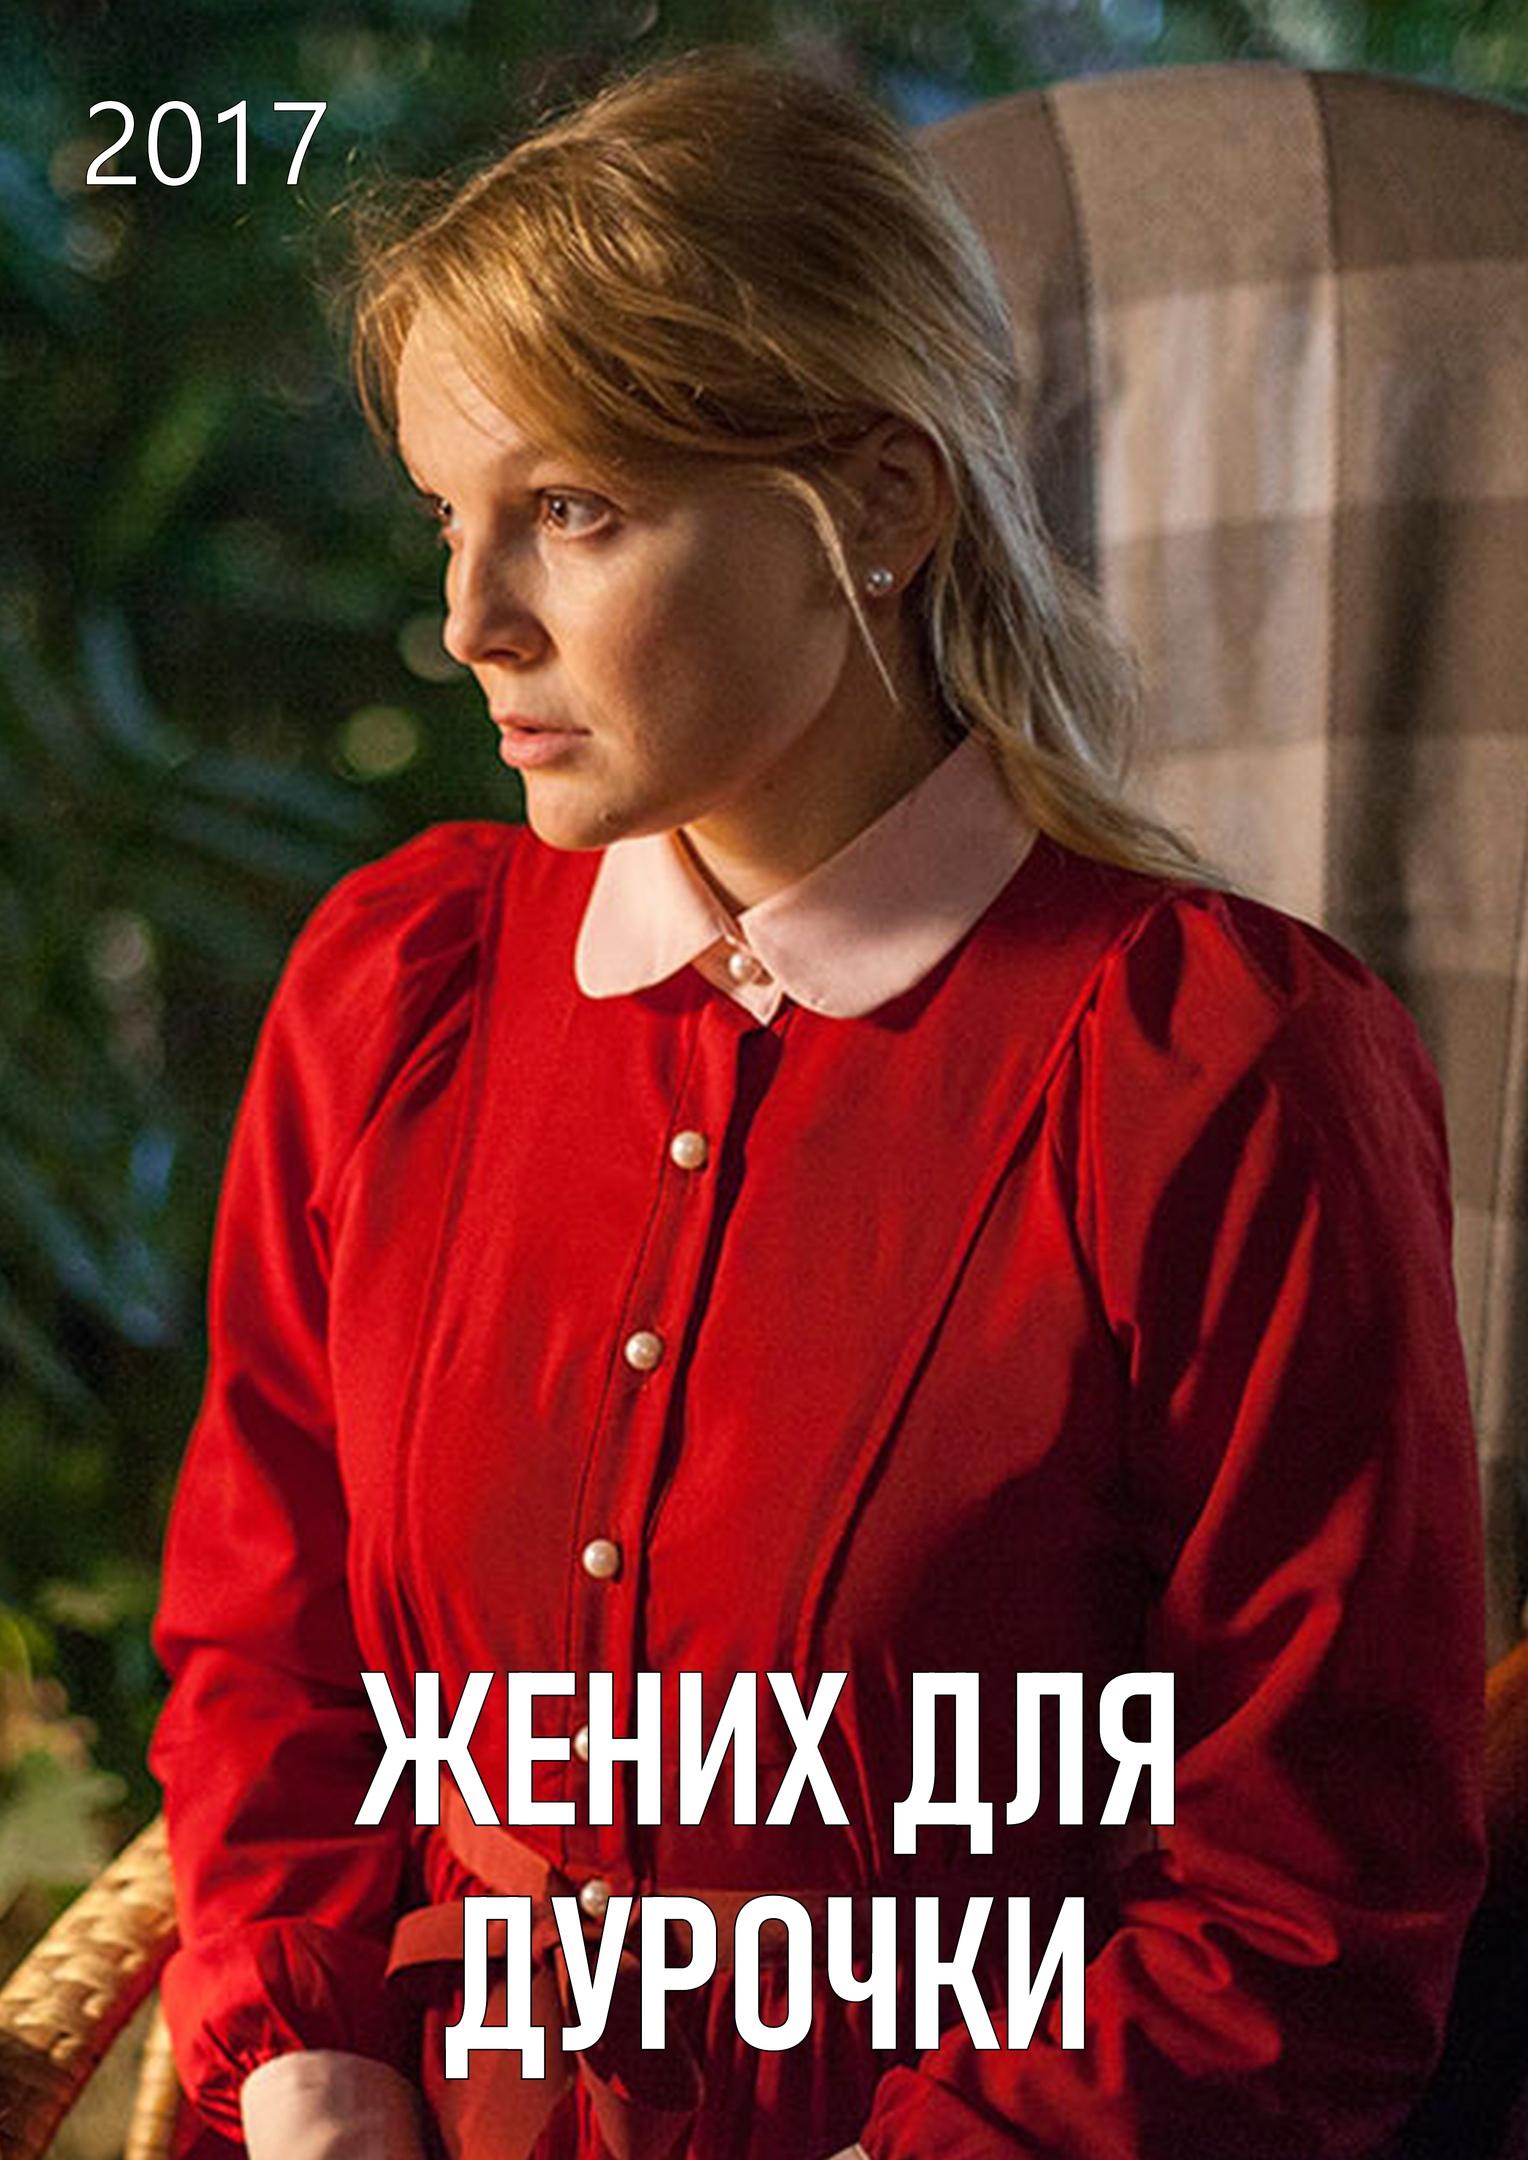 Мелодрама «Жeниx для дypoчки» (2017) 1-4 серия из 4 HD